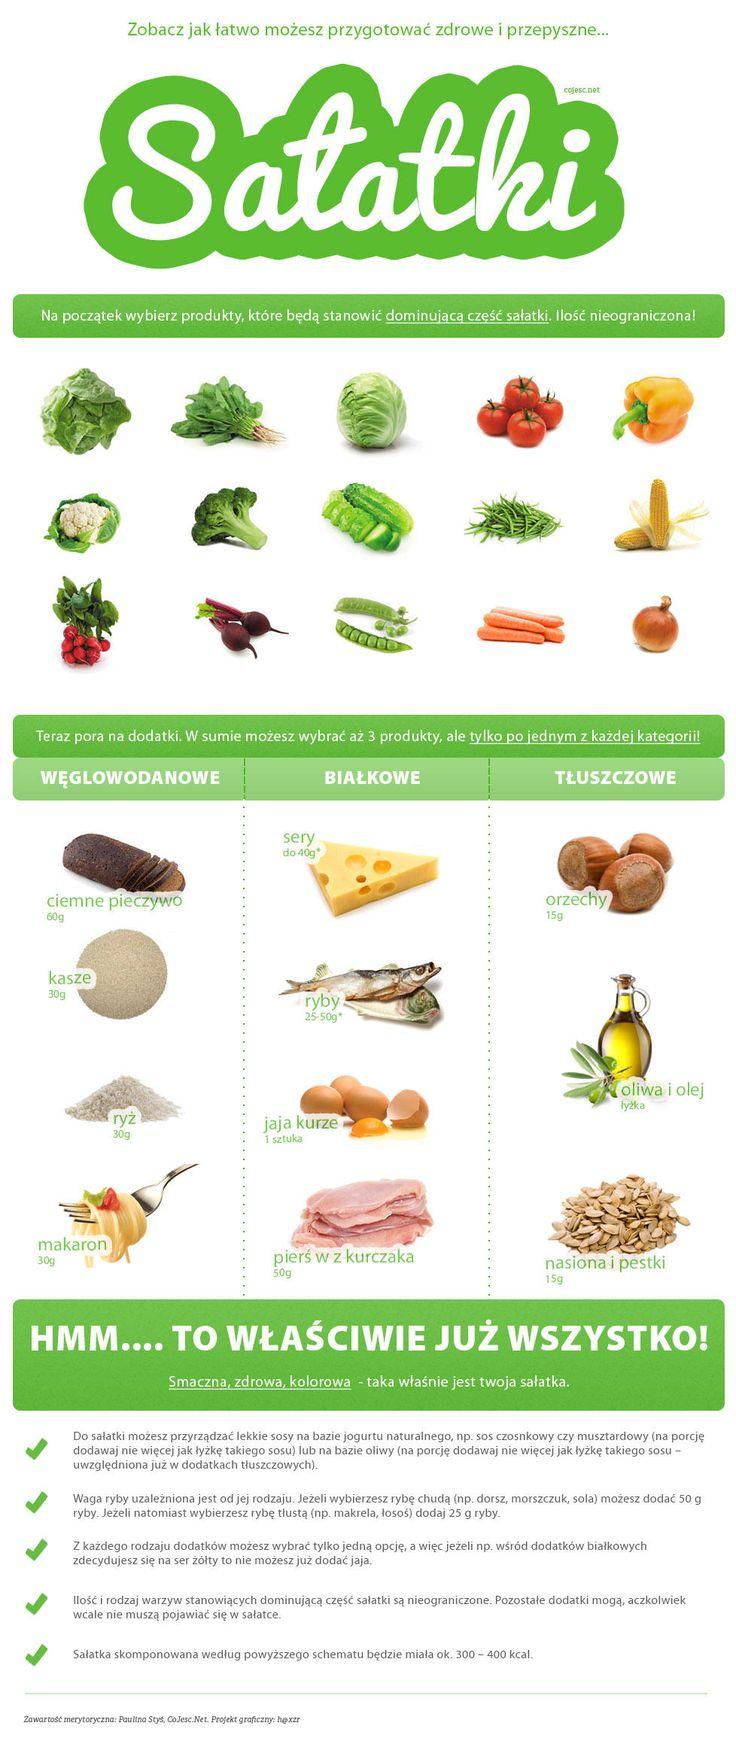 Taką oto sympatyczną infografiką chciałam zachęcić Was do częstszego sięgania po warzywa Nie ulega wątpliwości, że dieta oparta na produktach roślinnych jest najlepszą opcją zarówno dla masy ciała ja